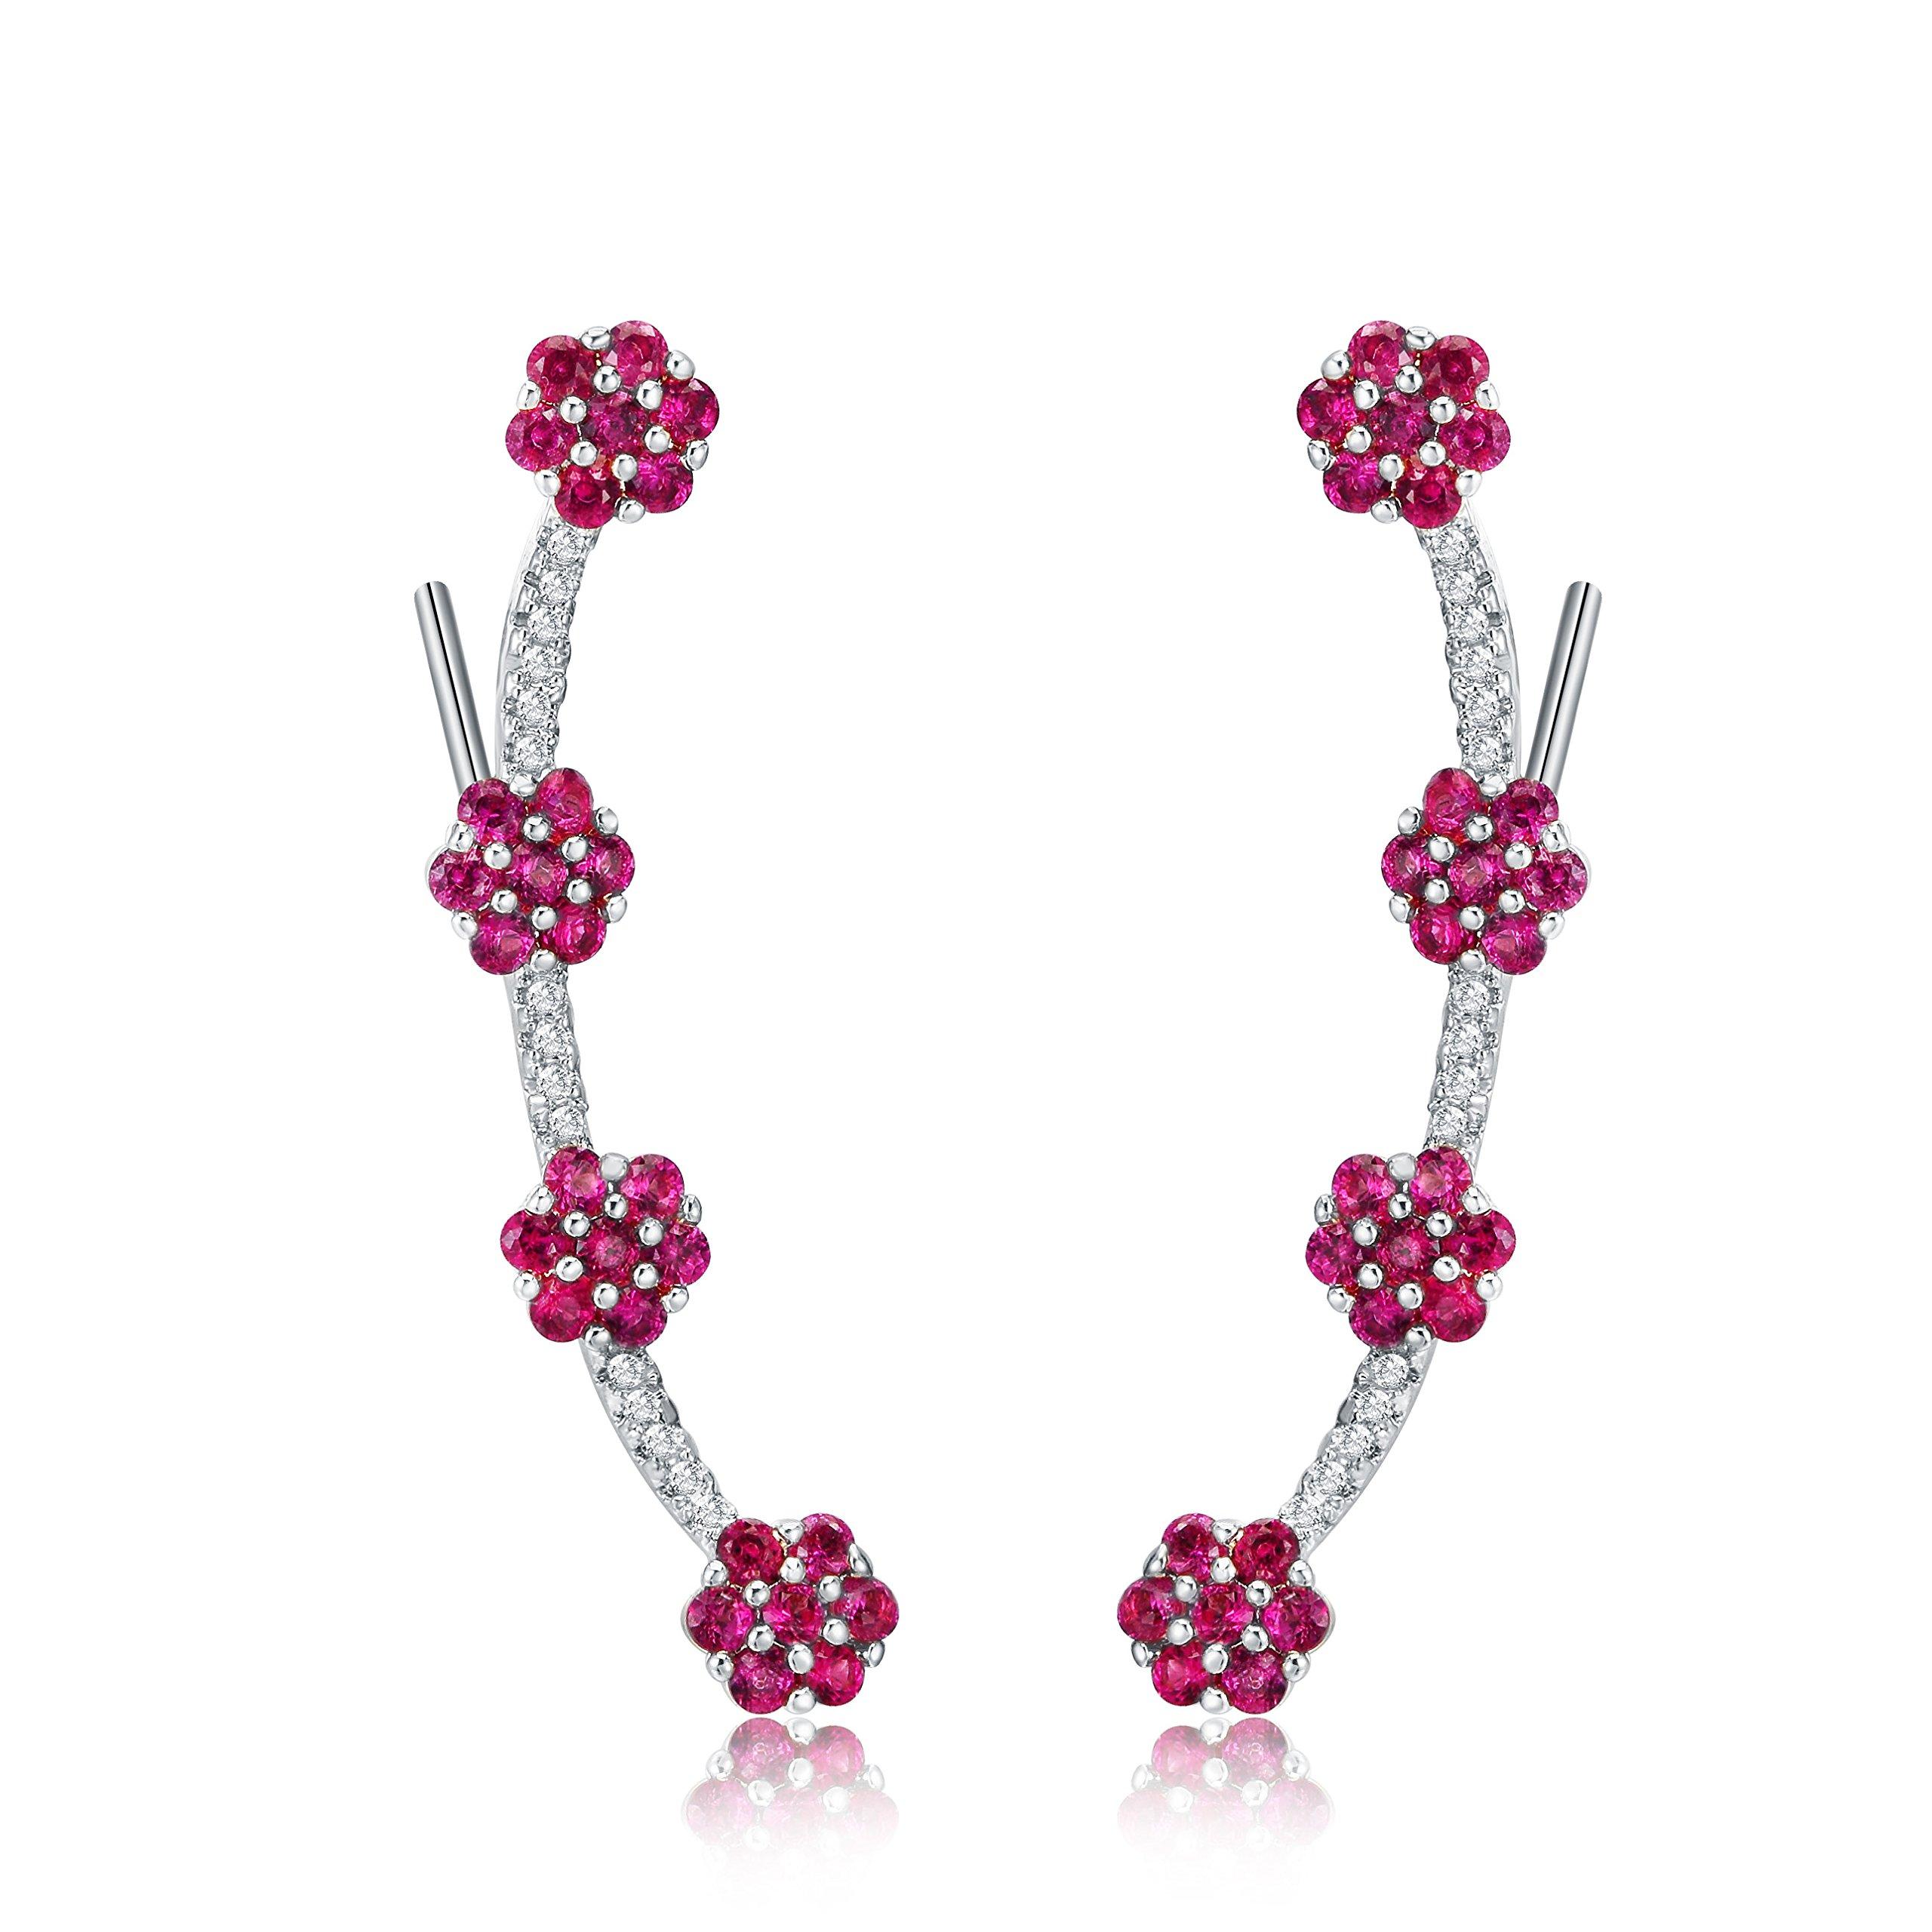 Mevecco Womens Girls Ear Crawler Climber Flower CZ Crystal Ear Wrap Cuffs Earrings Sweep Stud Earring Pin Jewelry-Flower-Silver